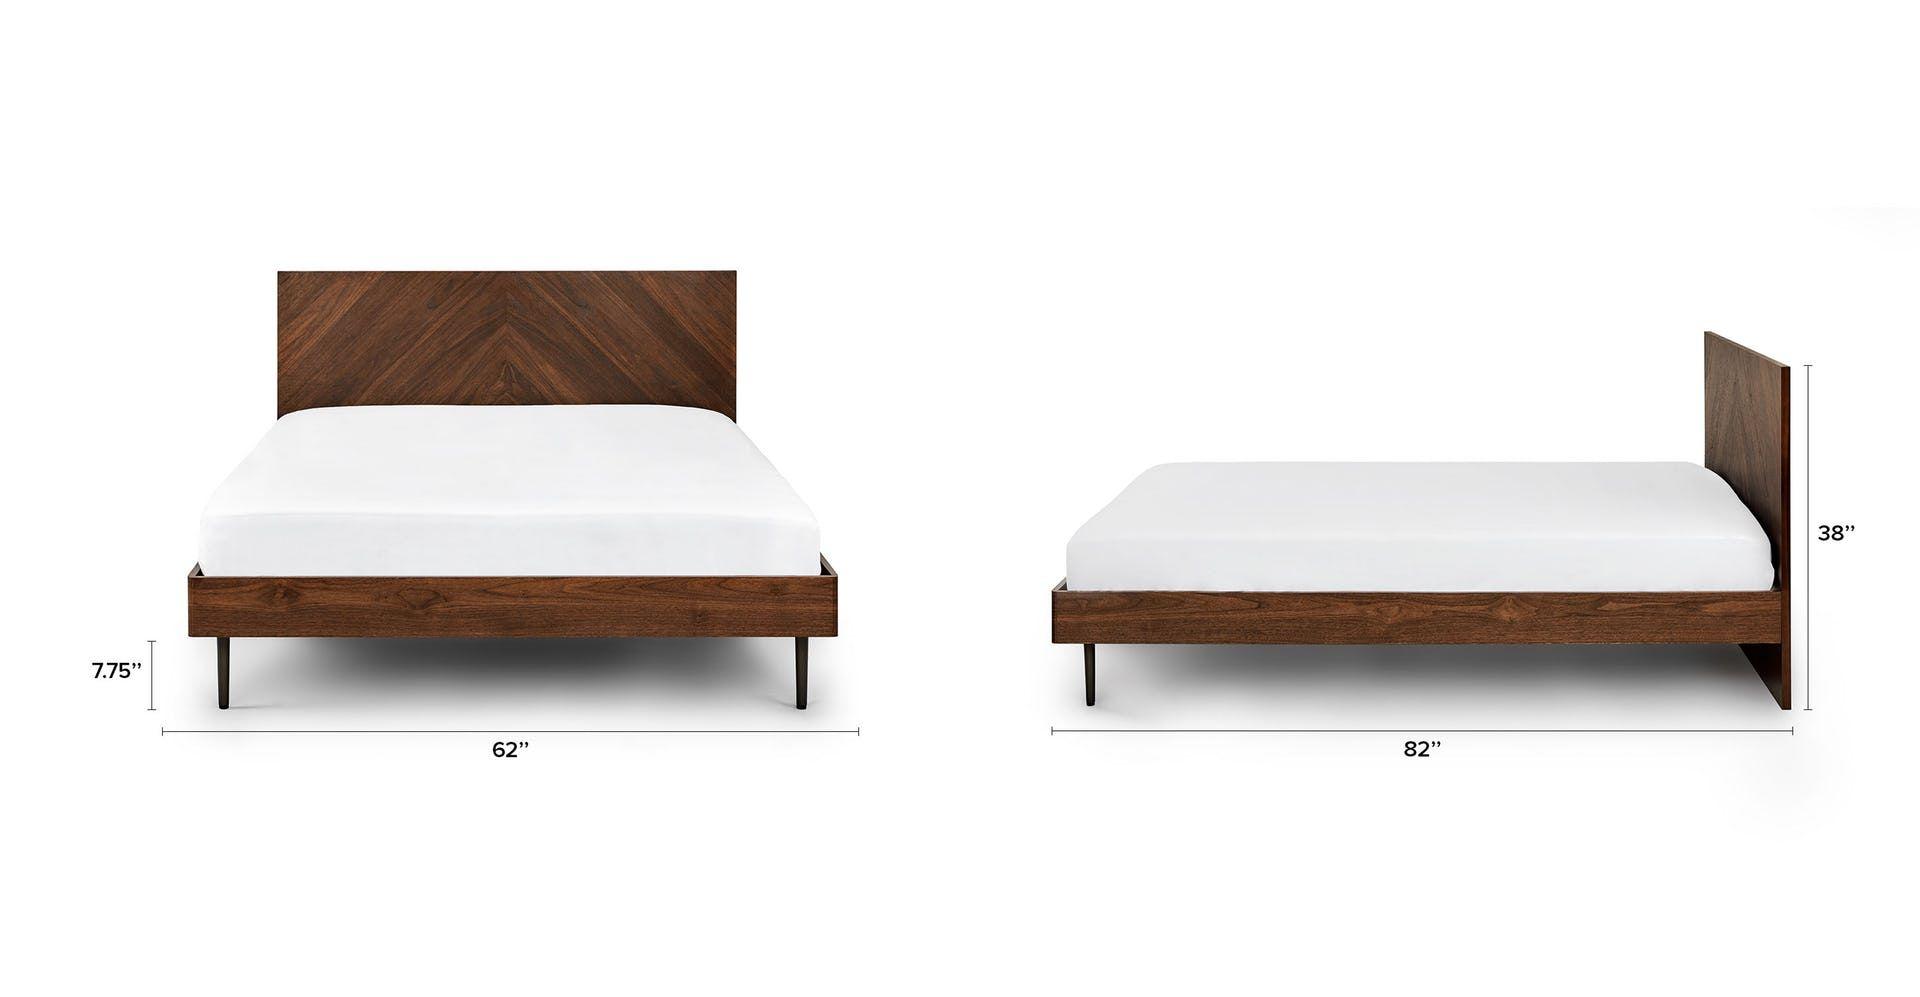 Nera Walnut Queen Bed Bed Mid Century Modern Furniture Furniture